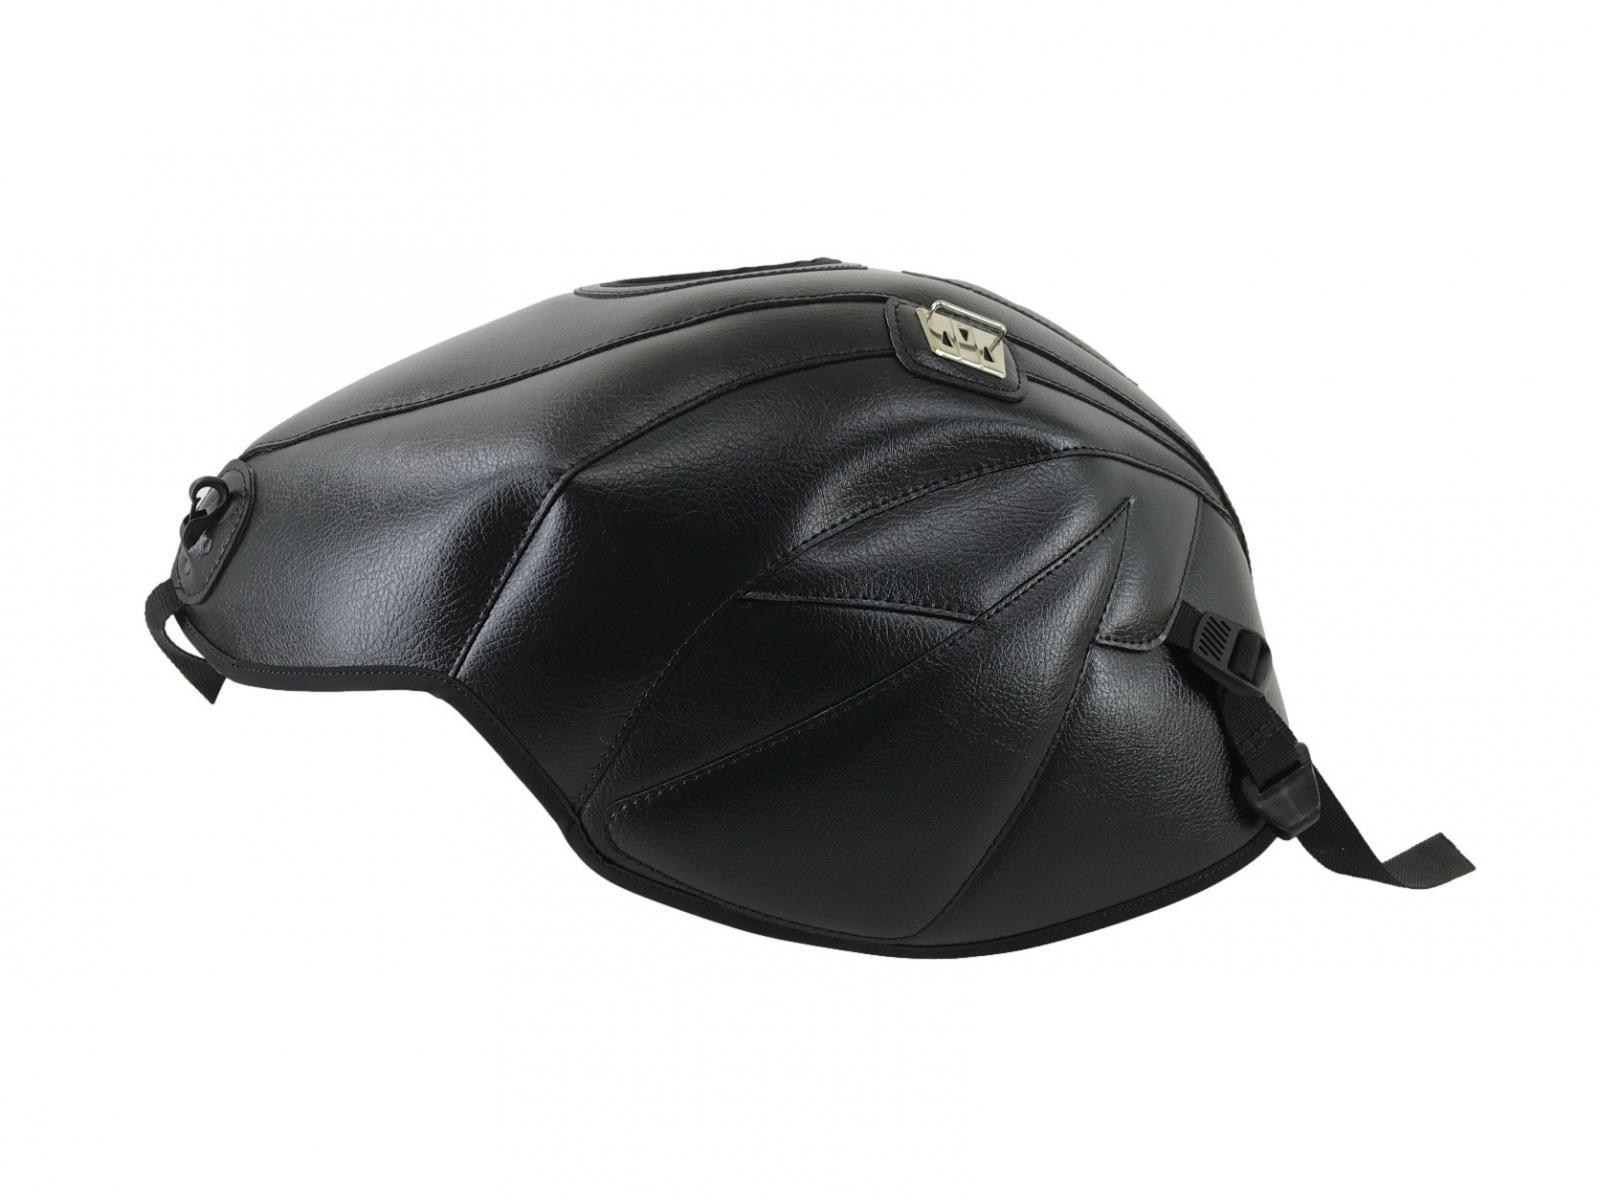 Copri serbatoio TPR2999 - HONDA CBR 900 RR  FIREBLADE [2002-2003]